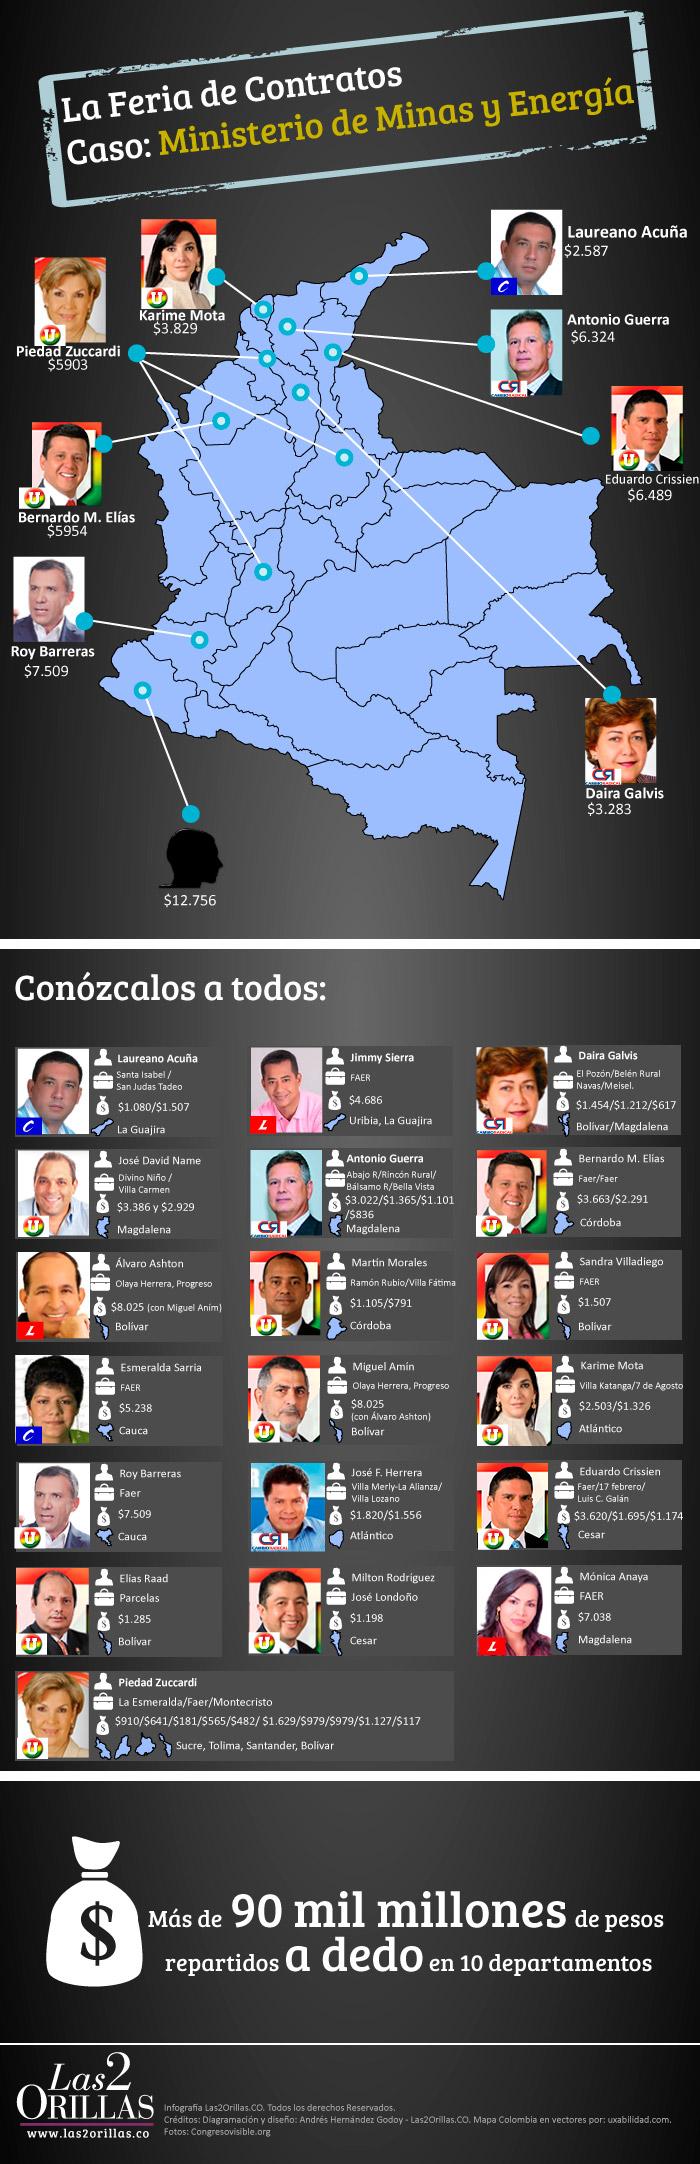 Infografía - Feria de Contratos. Caso: Ministerio de Minas y Energía